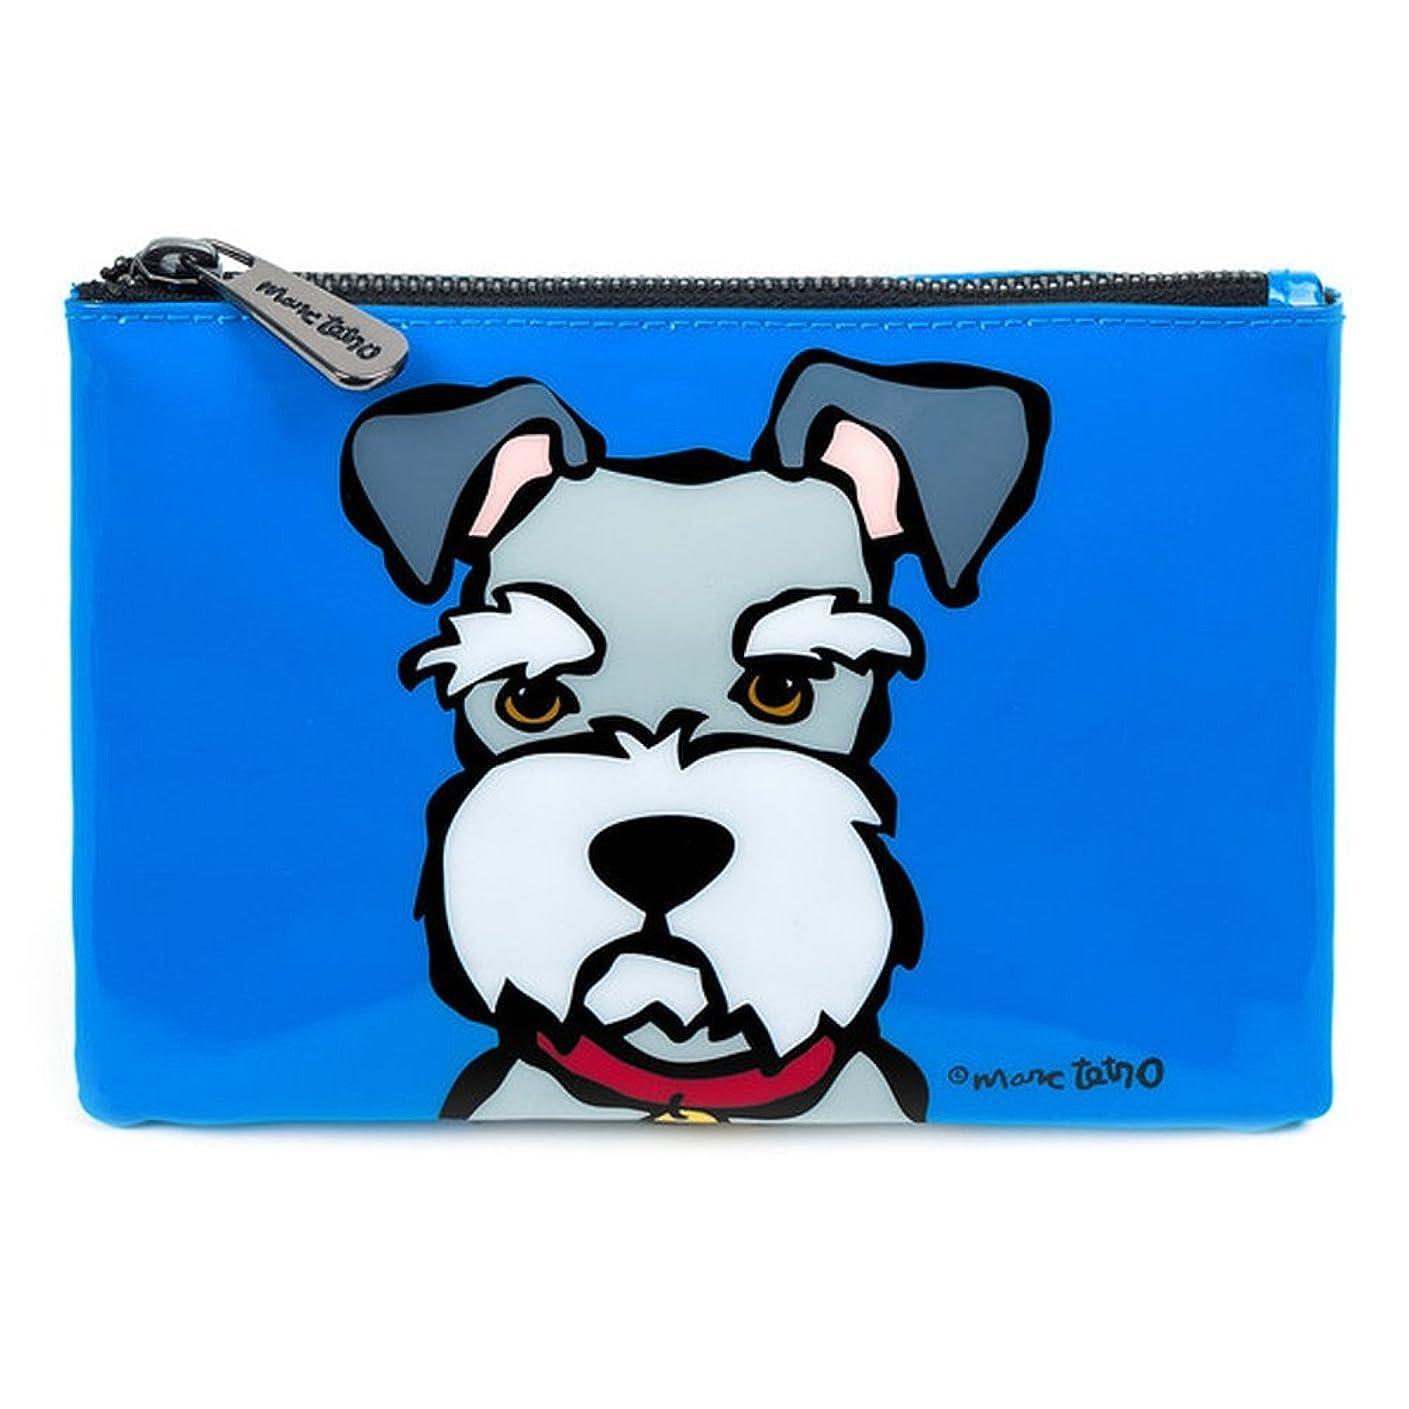 アンタゴニスト甘いシフトシュナウザー コスメバッグ 防水PVC ファスナー式 化粧ポーチ 小物入れ 13.5cm x 19cm 犬デザイン ミニバッグ Cosmetic Bag